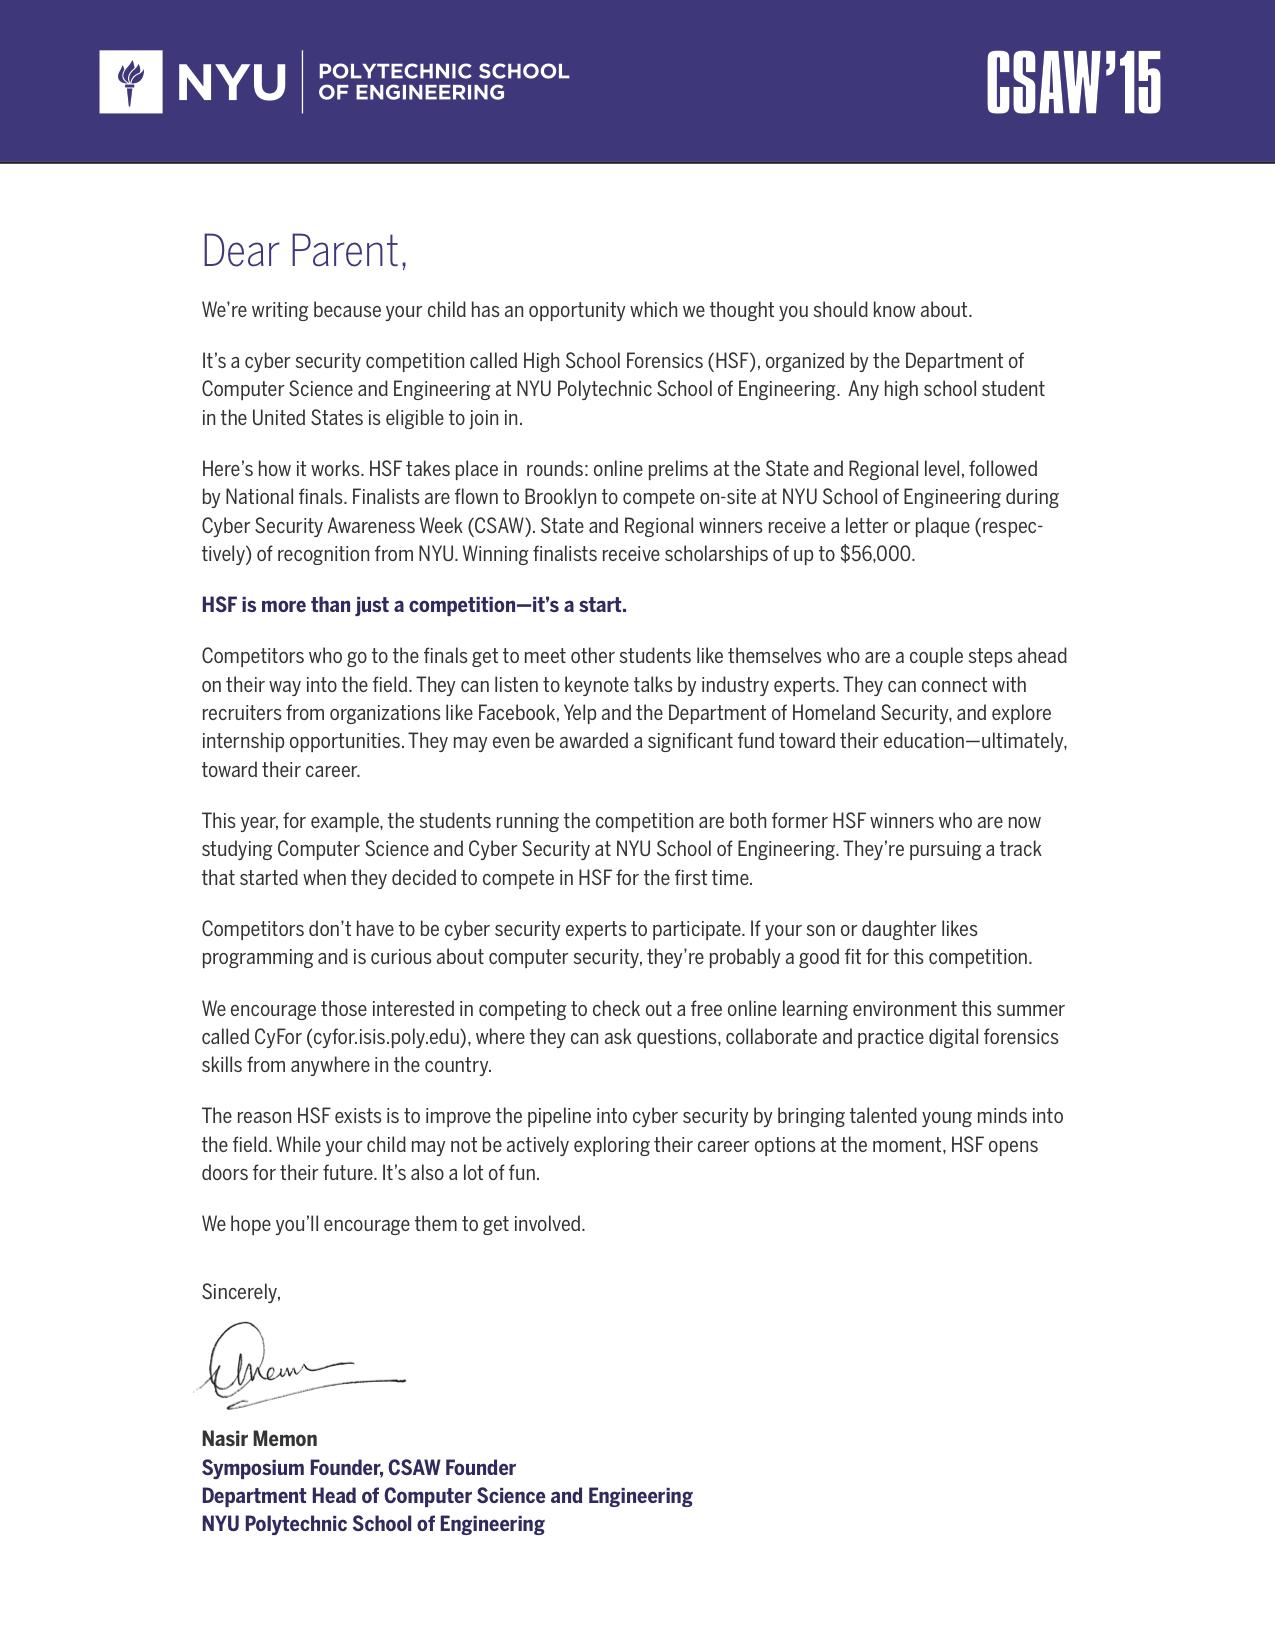 HSF Parent Letter